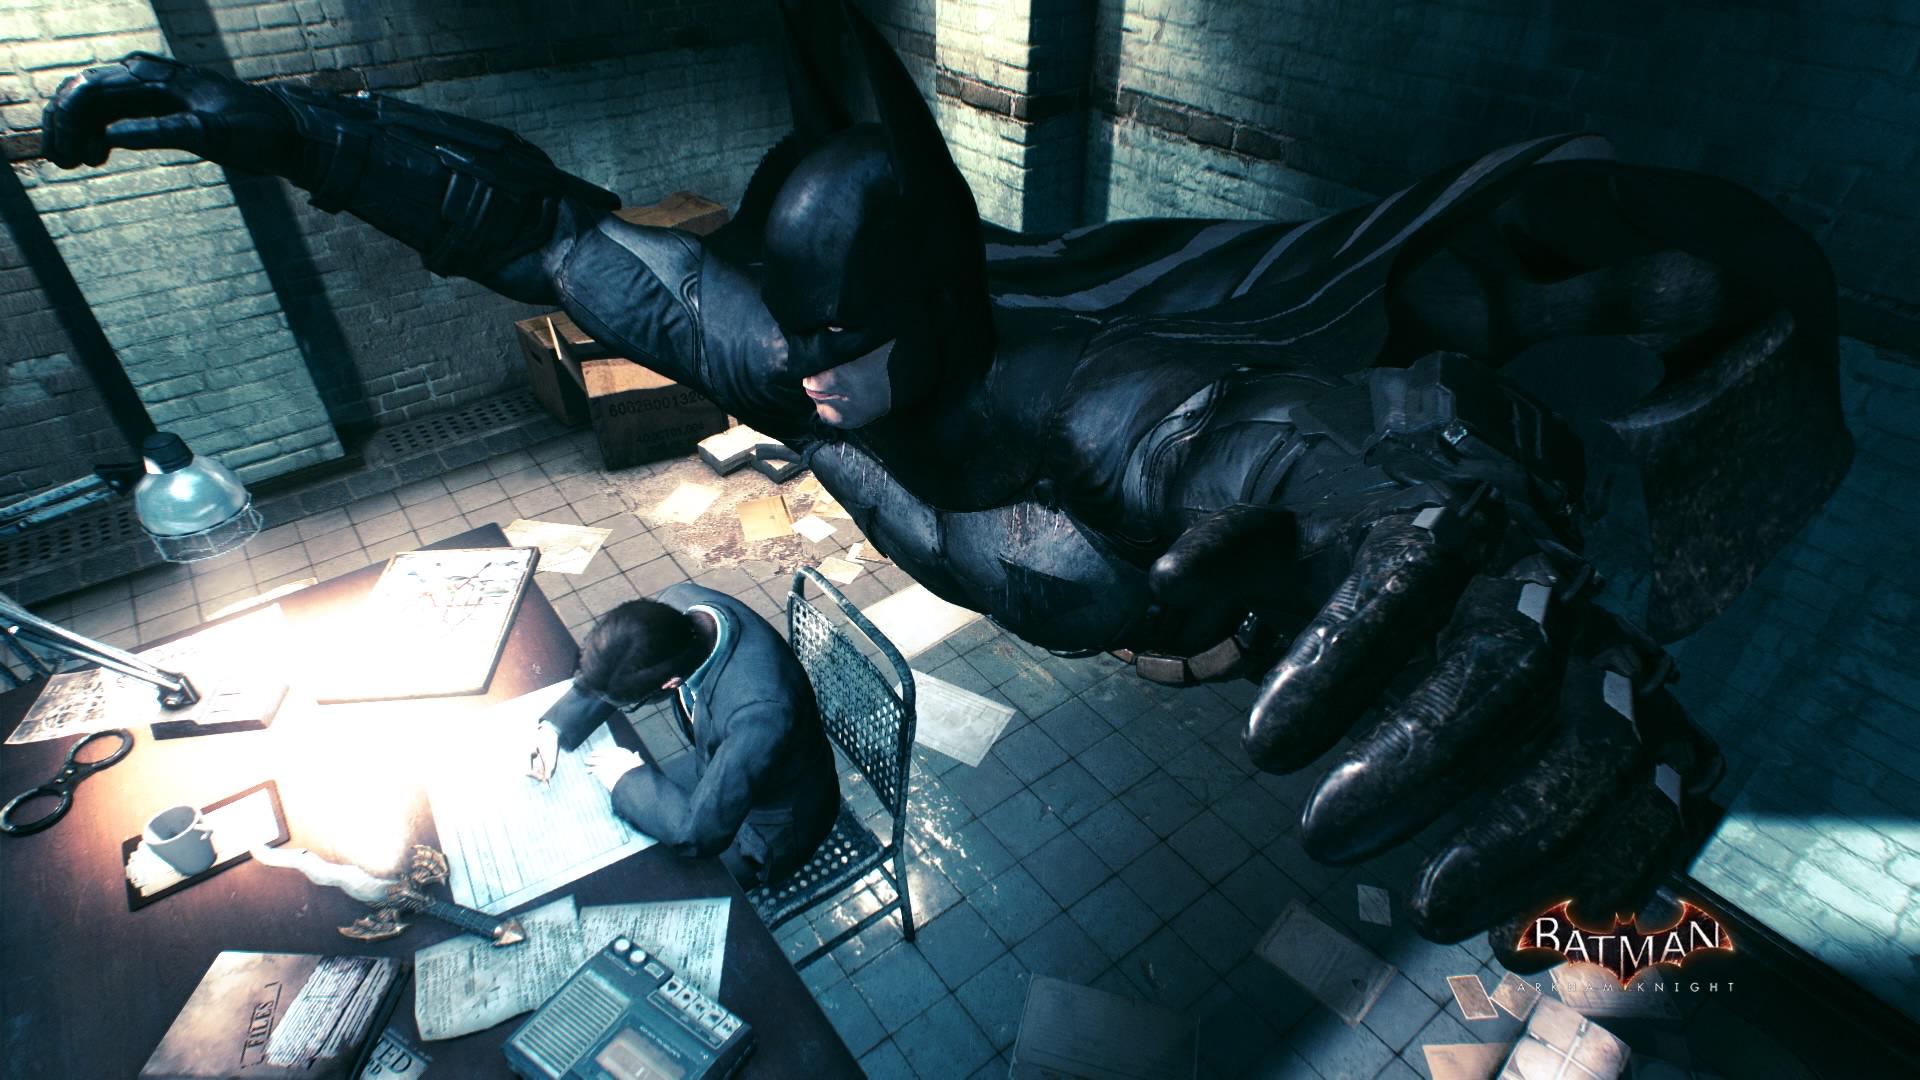 Бэтмен™_ Рыцарь Аркхема_20200204194909.jpg - Batman: Arkham Knight